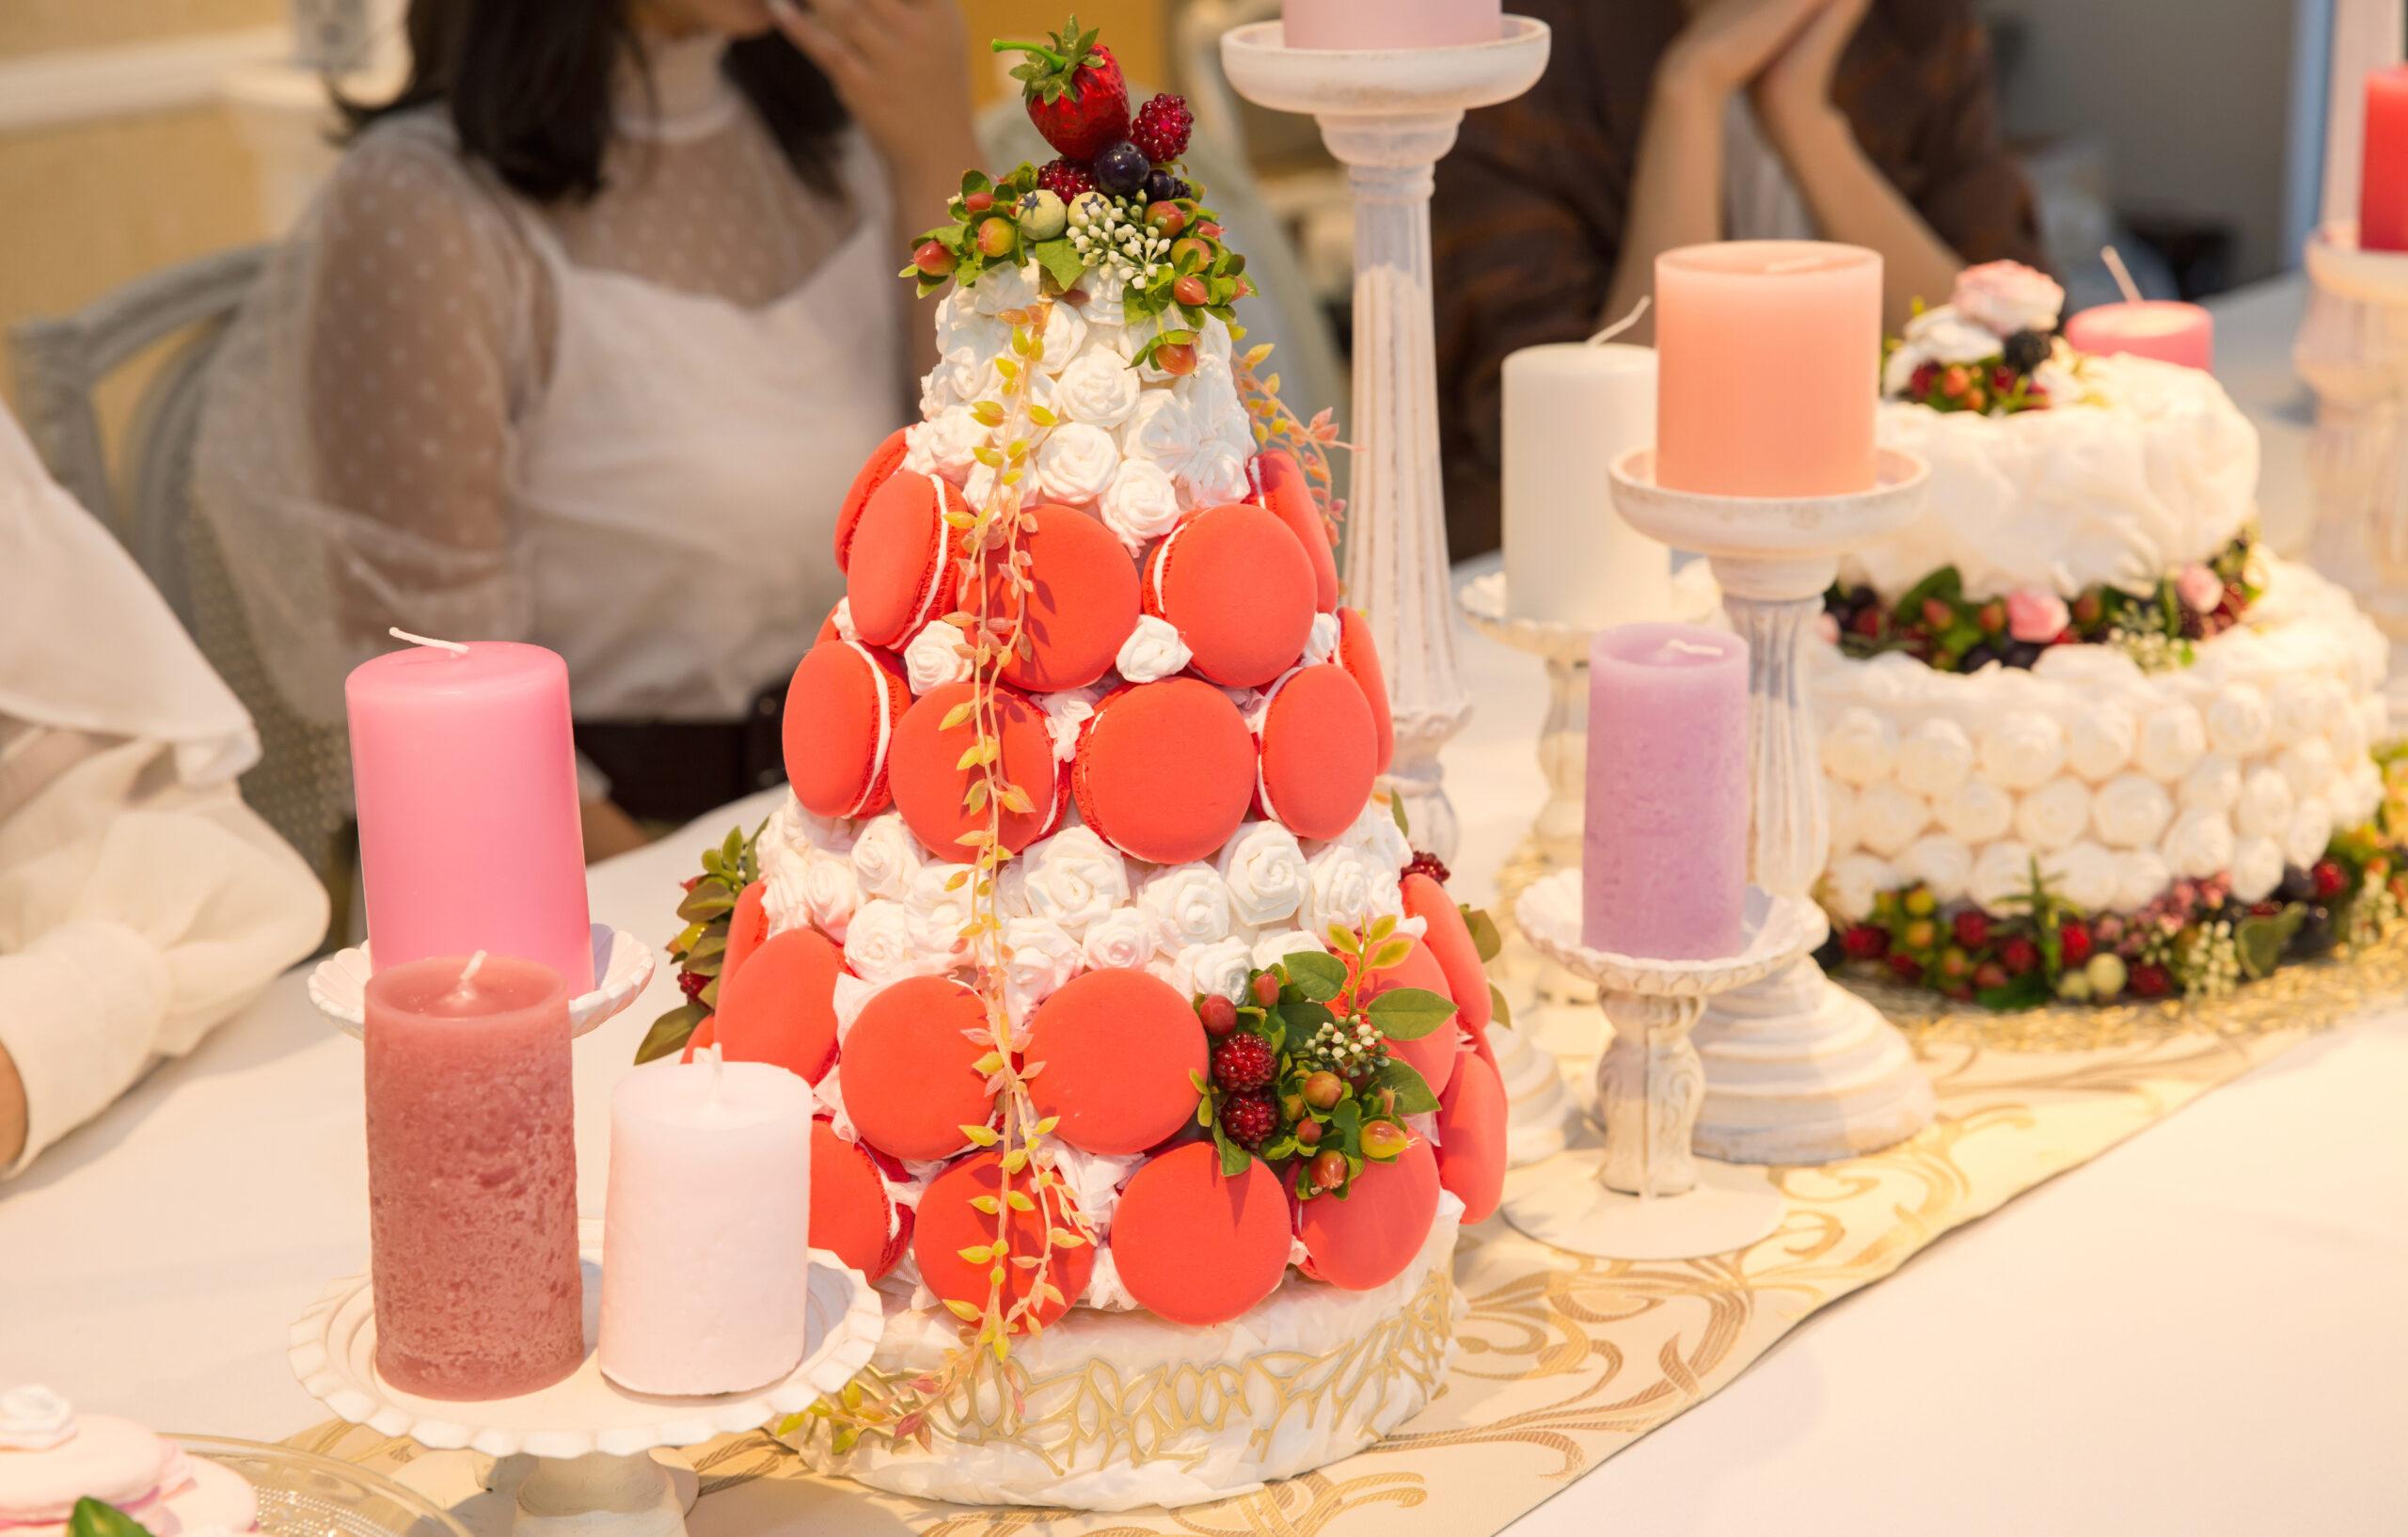 テーブルのおいしそうなケーキの正体は◯◯